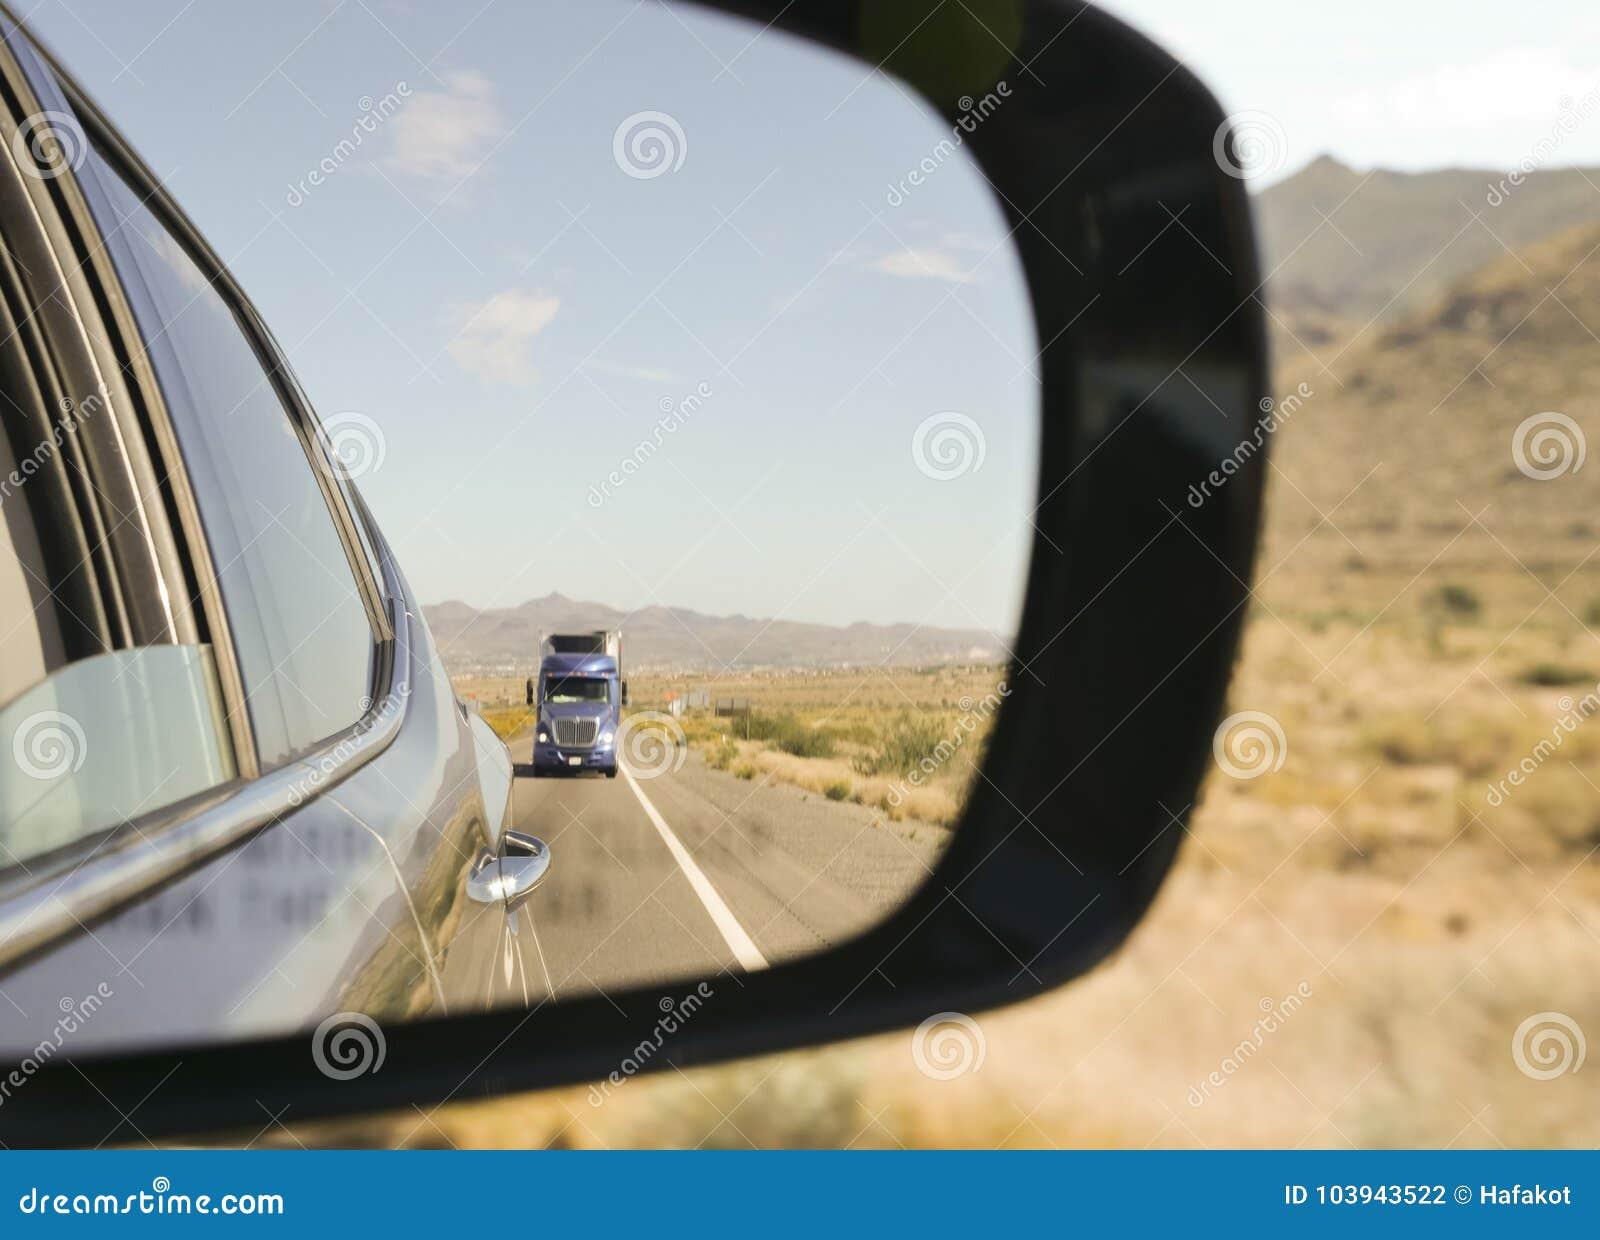 Бортовое зеркало автомобиля в сердце пустыни